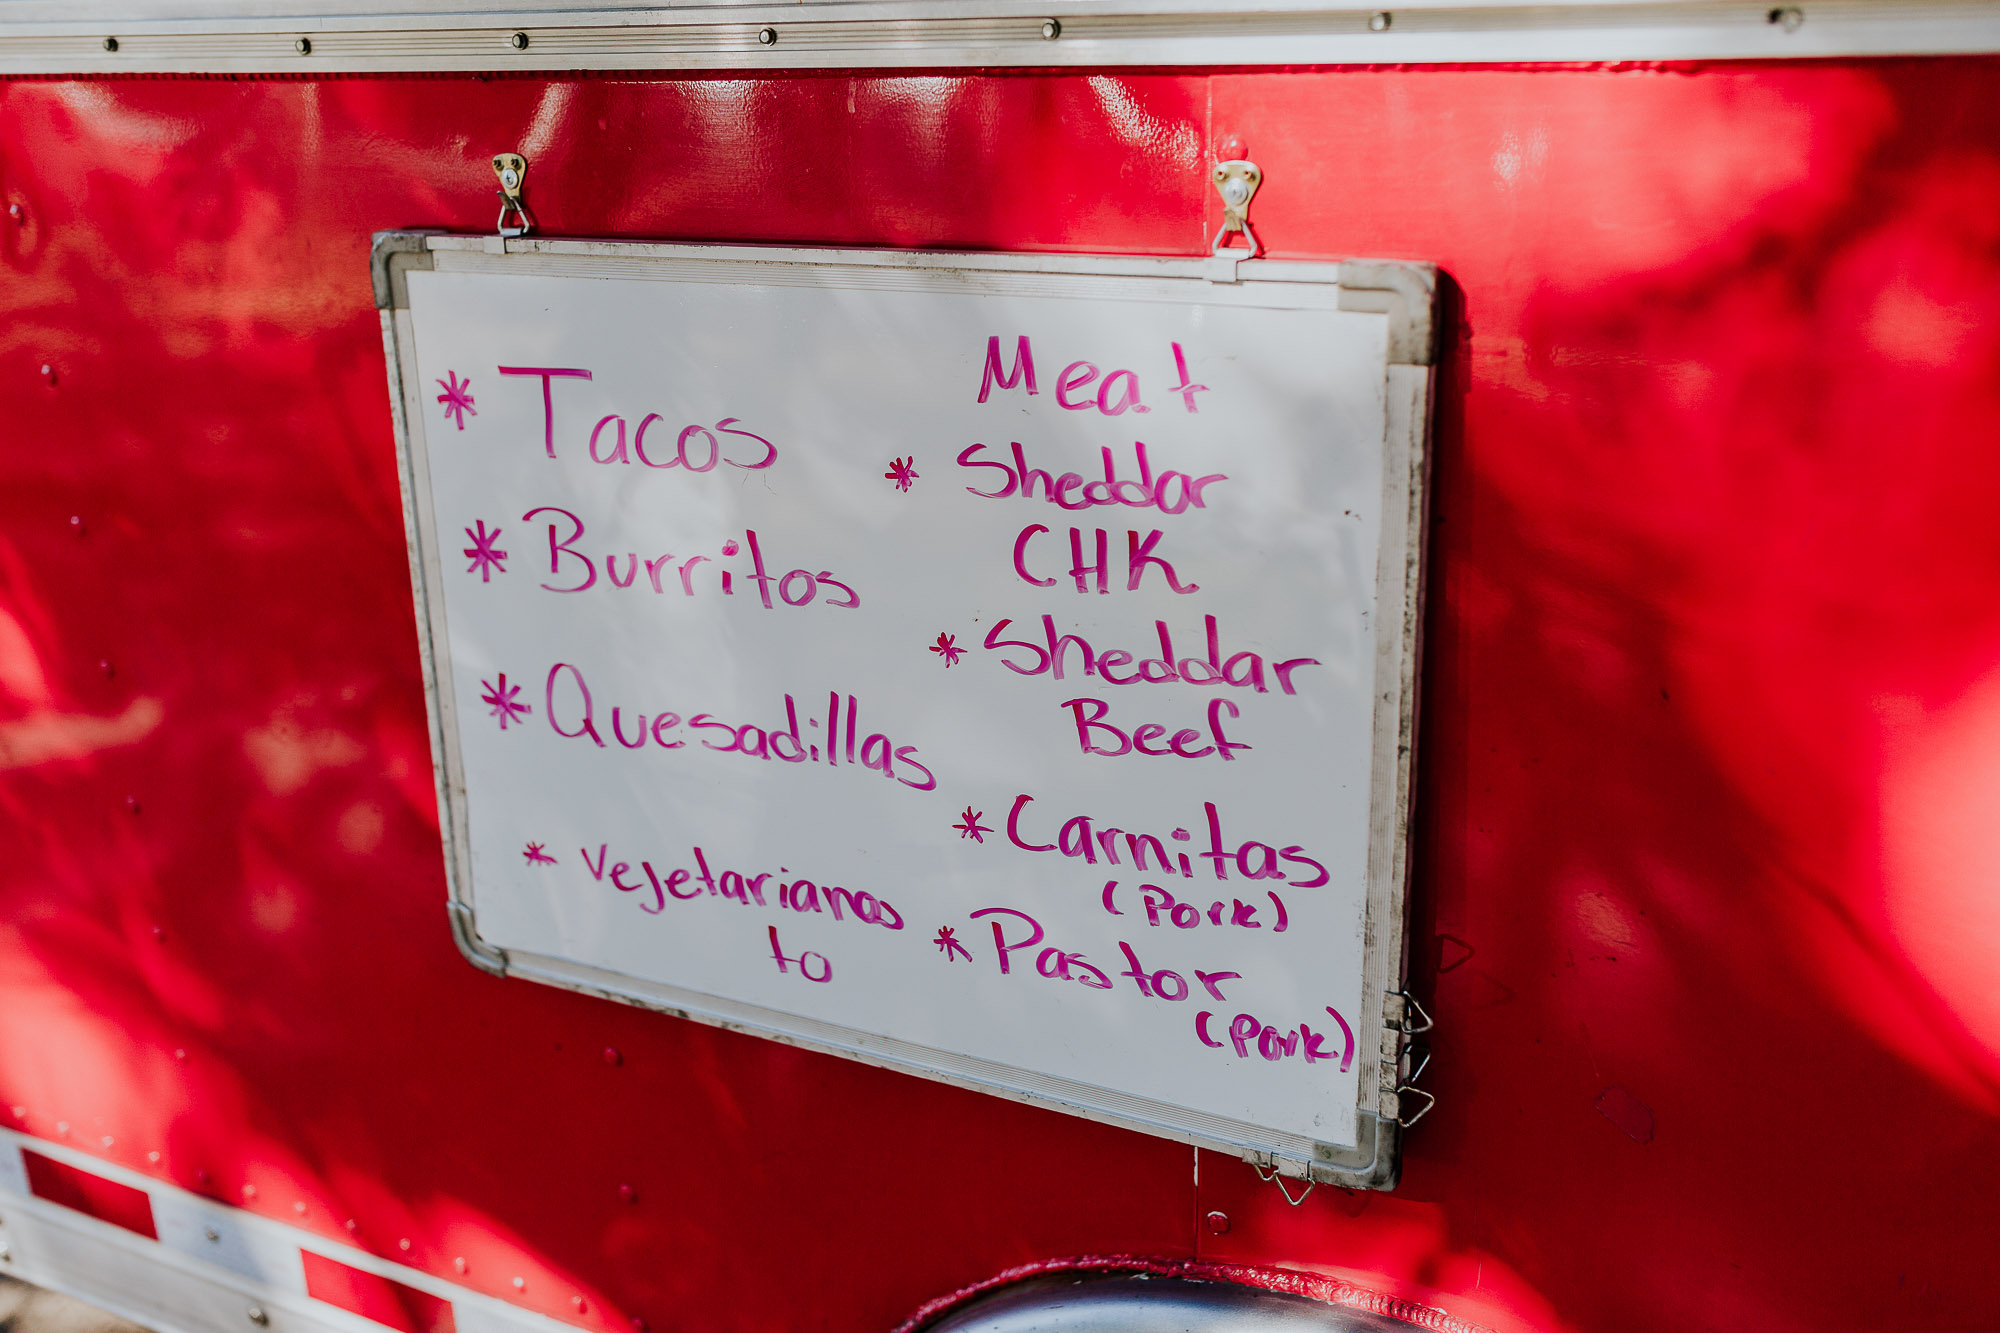 taco wedding food truck